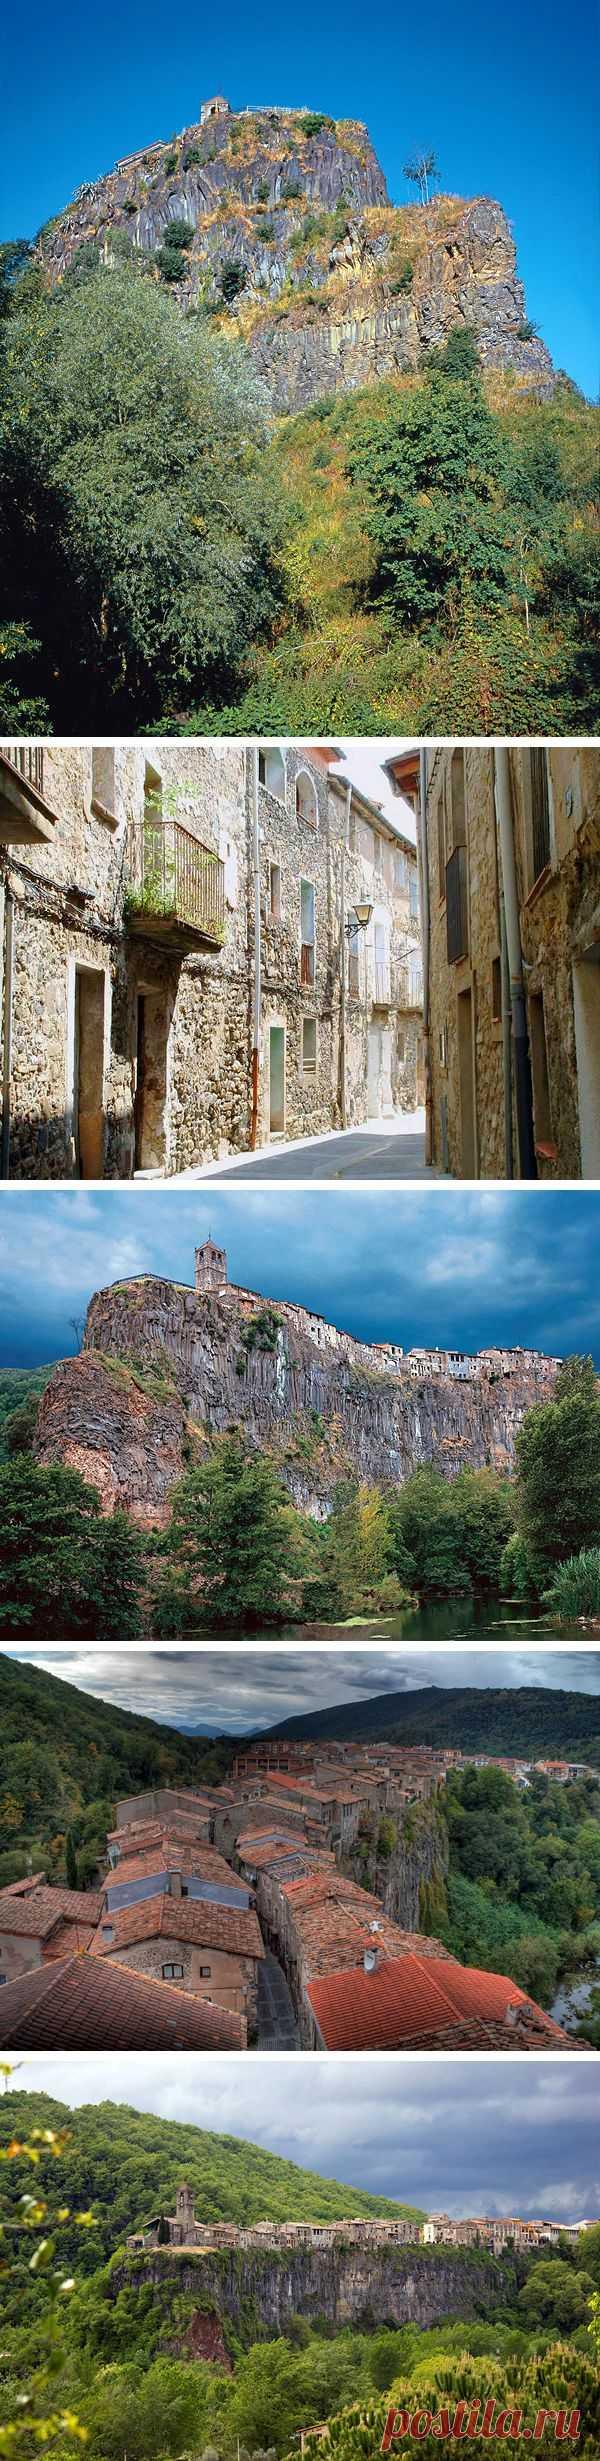 Город на скале! Кастельфульит-де-ла-Рока, Каталония, Испания